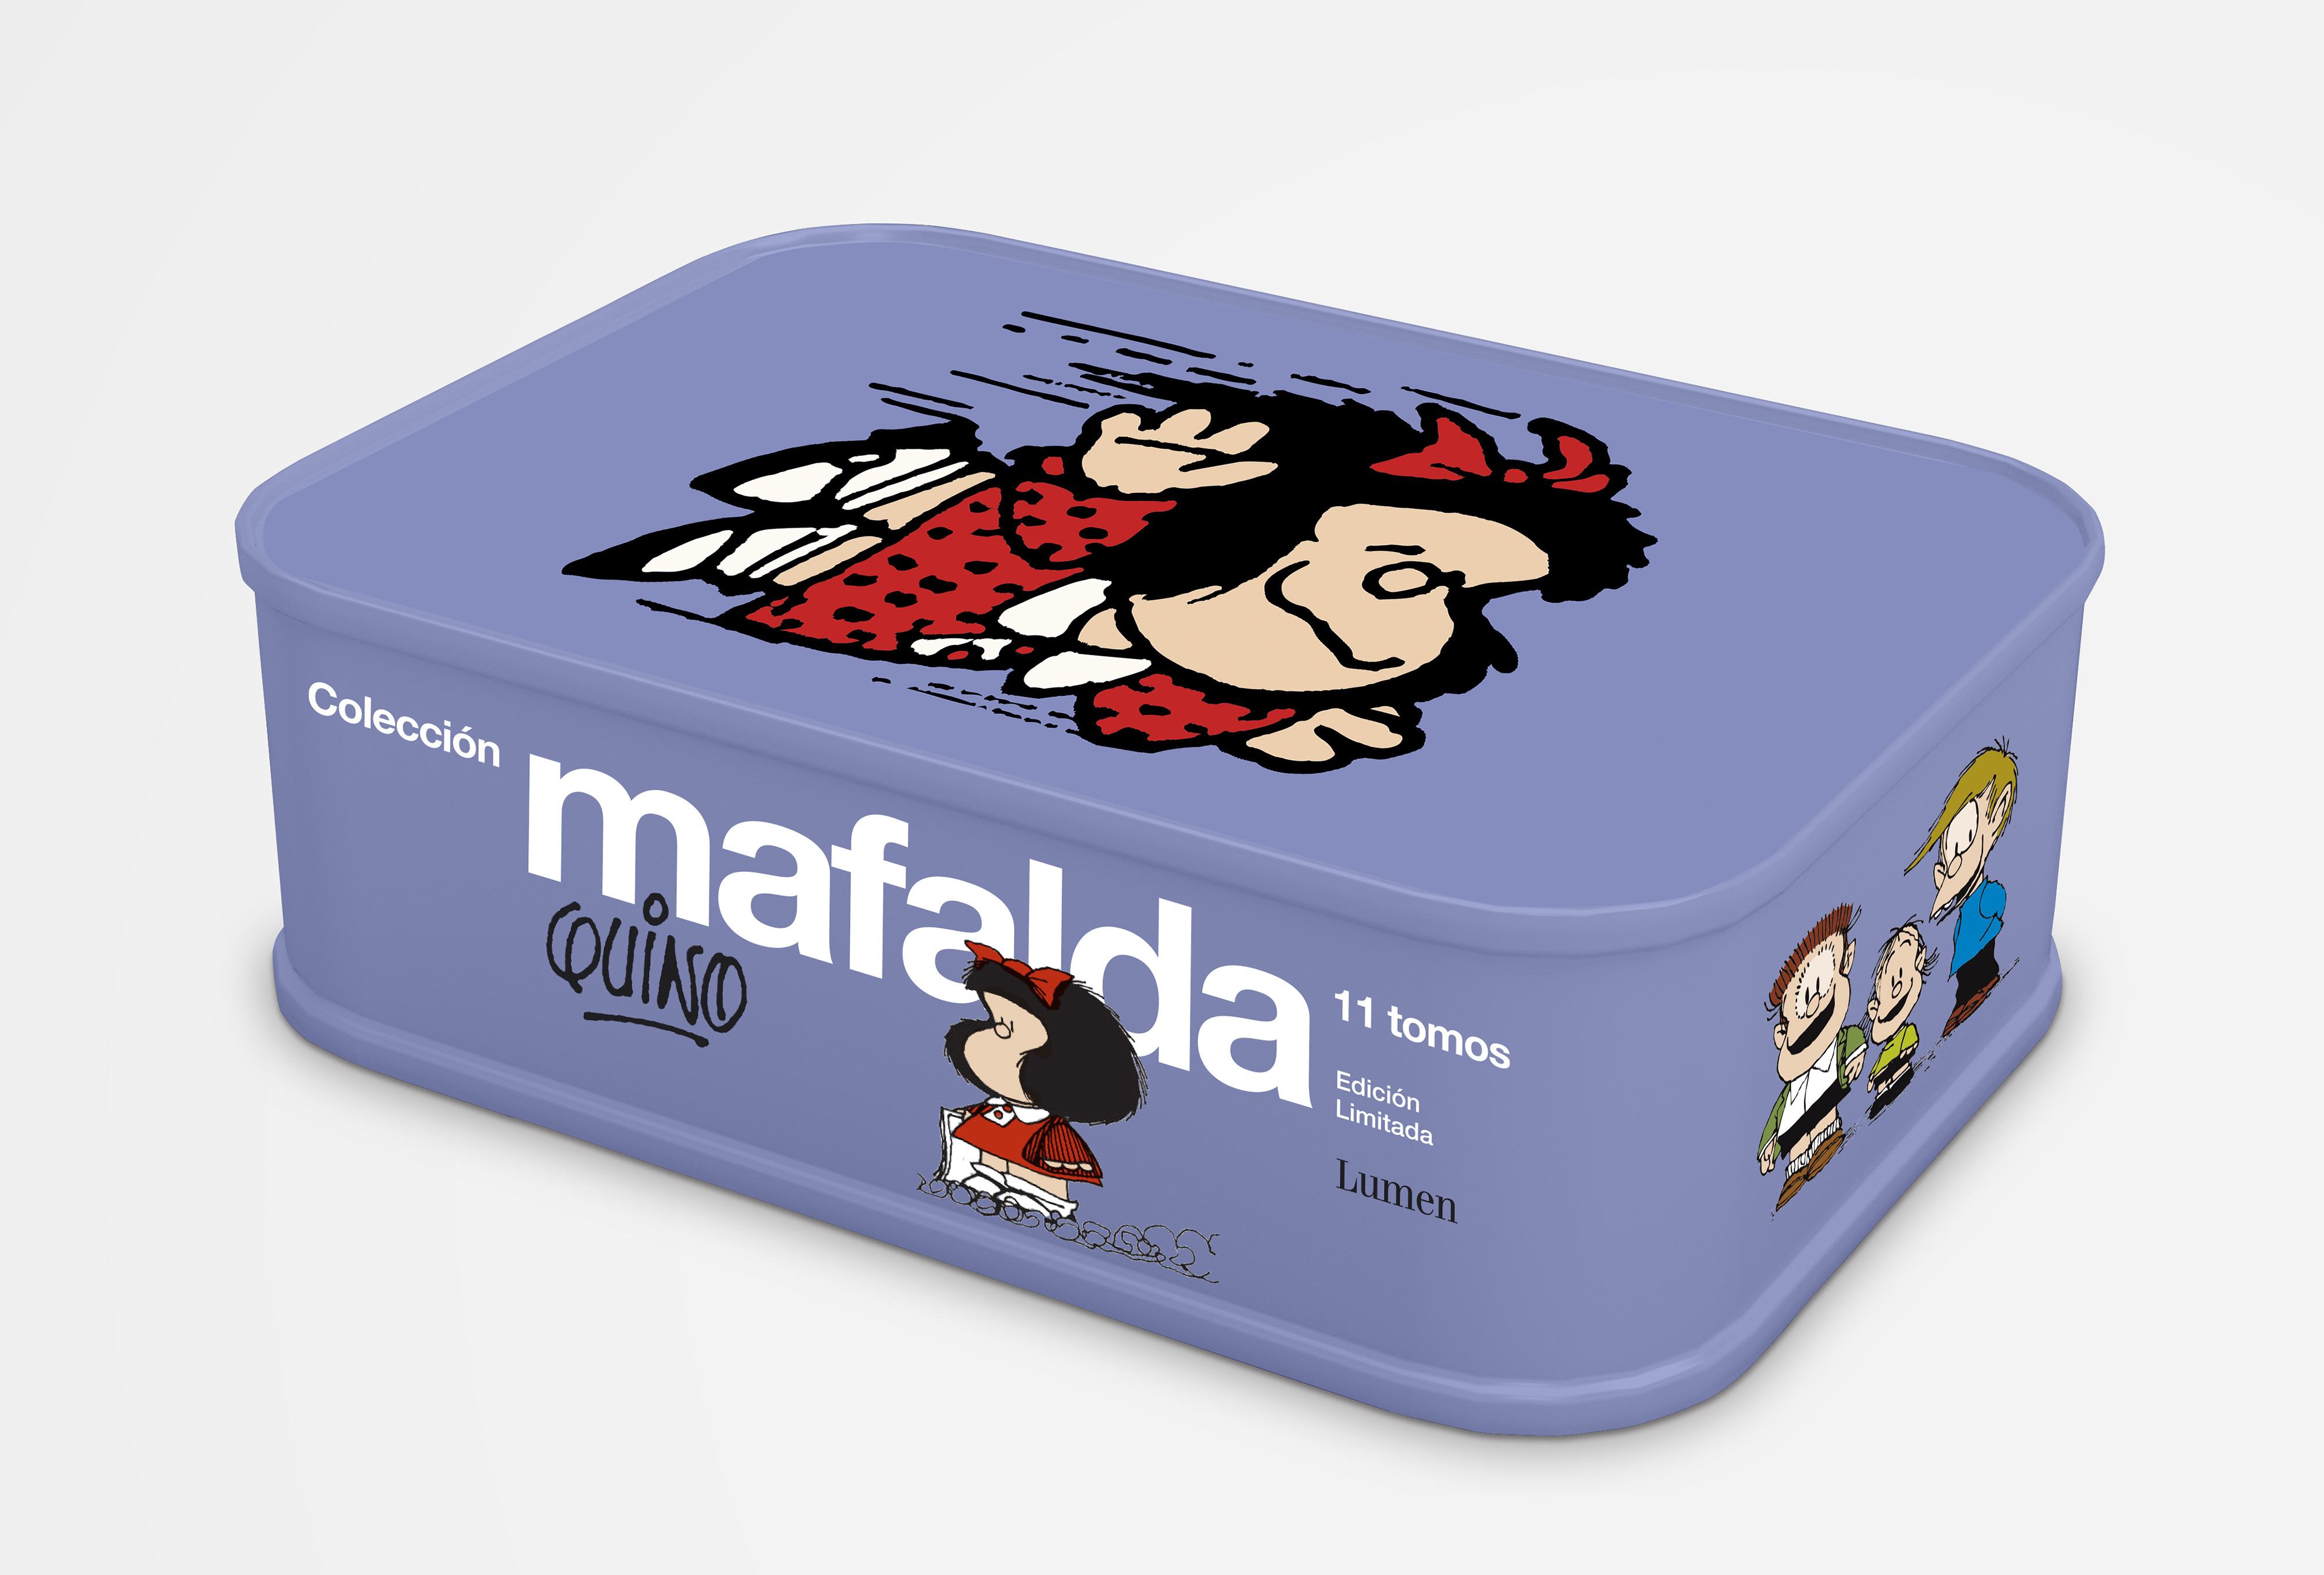 Colección Mafalda: 11 tomos en una lata (edición limitada)